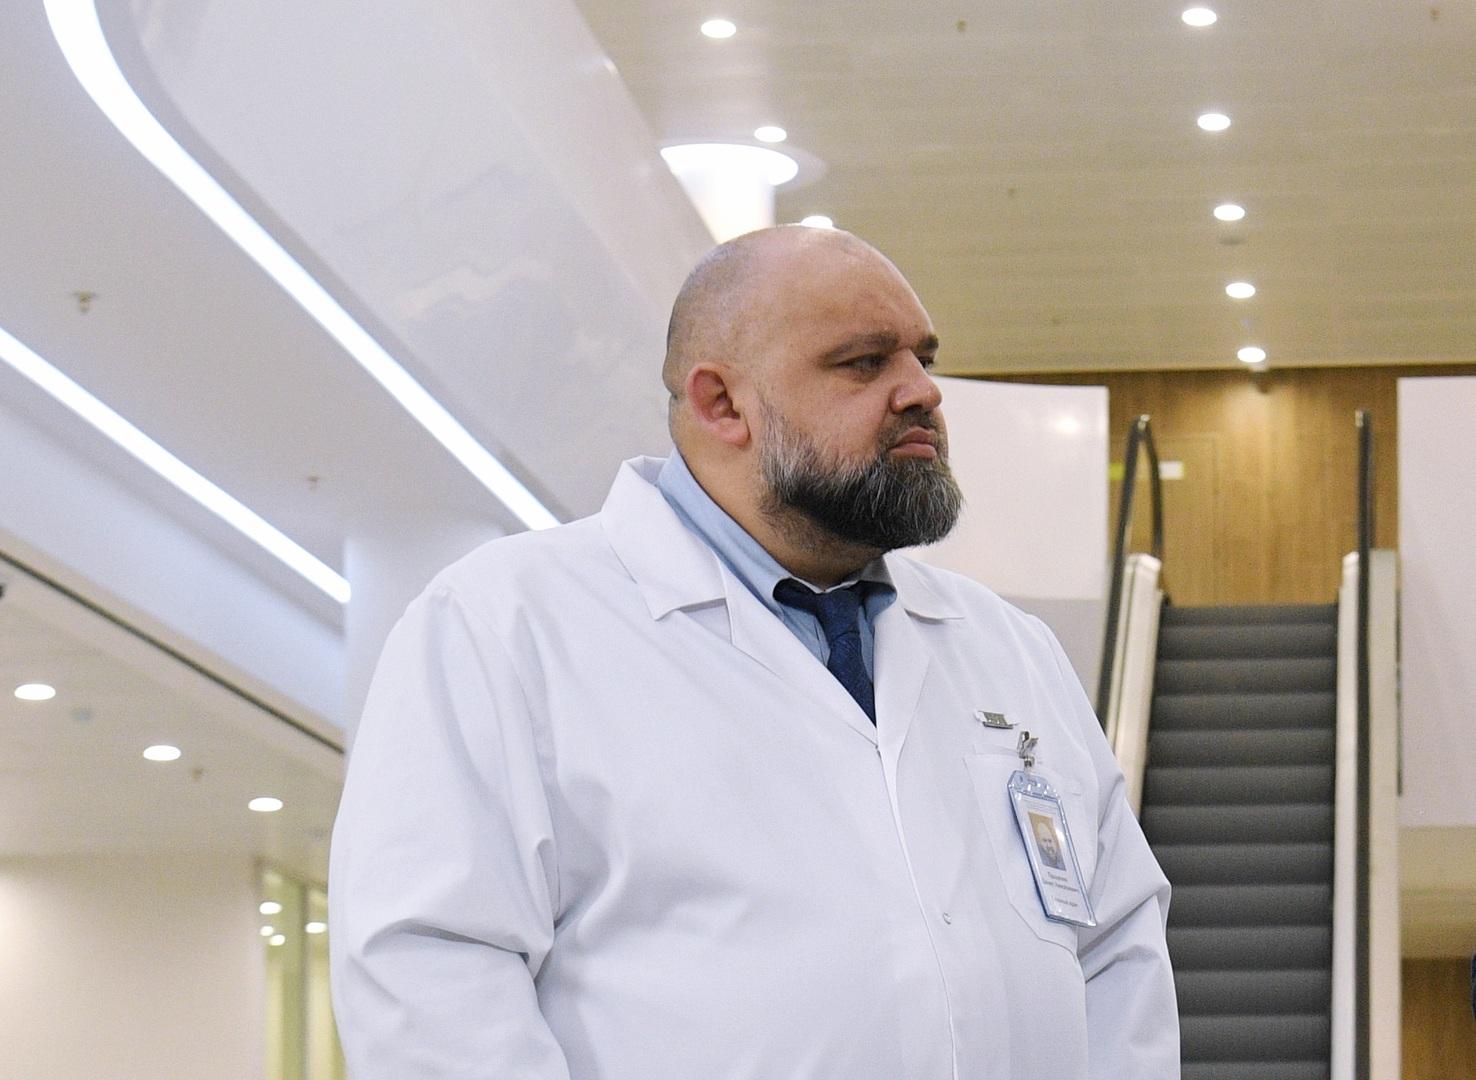 كبير الأطباء في مكافحة كورونا بموسكو مصاب بالفيروس